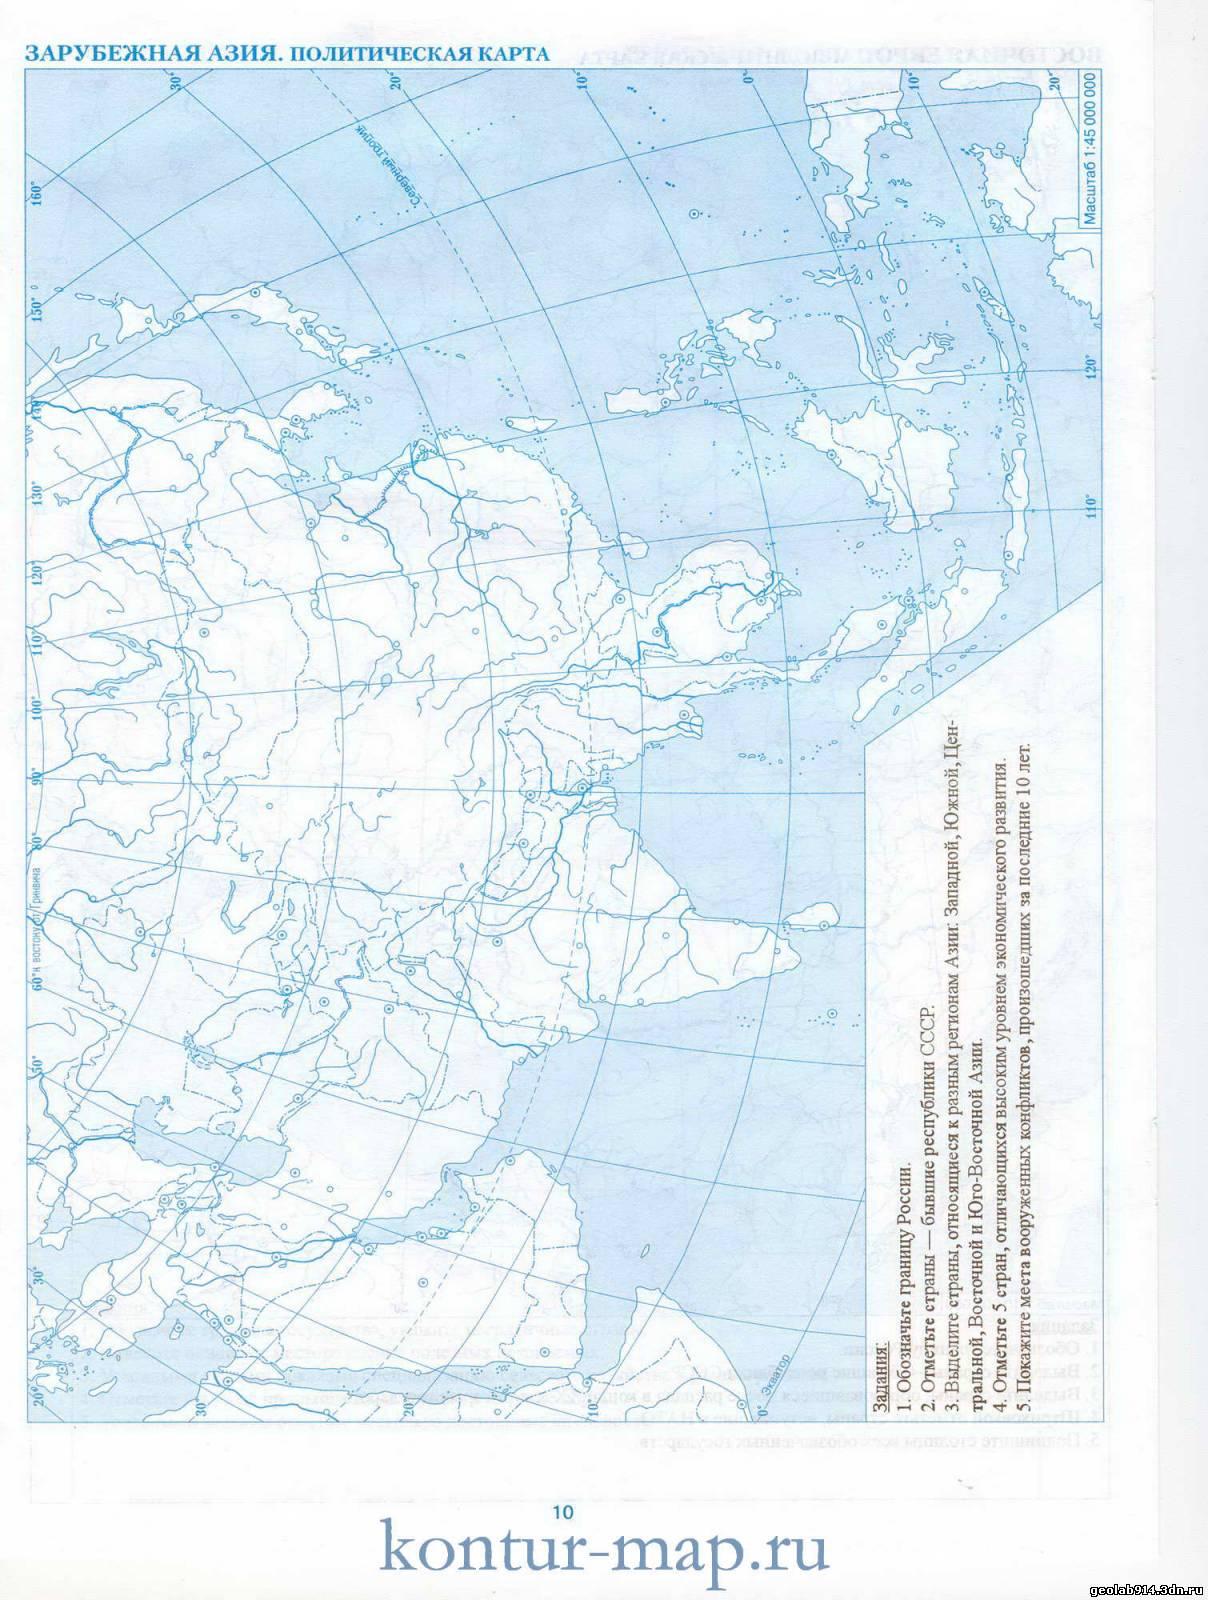 Готовая контурная карта по географии 10 класс зарубежная азия